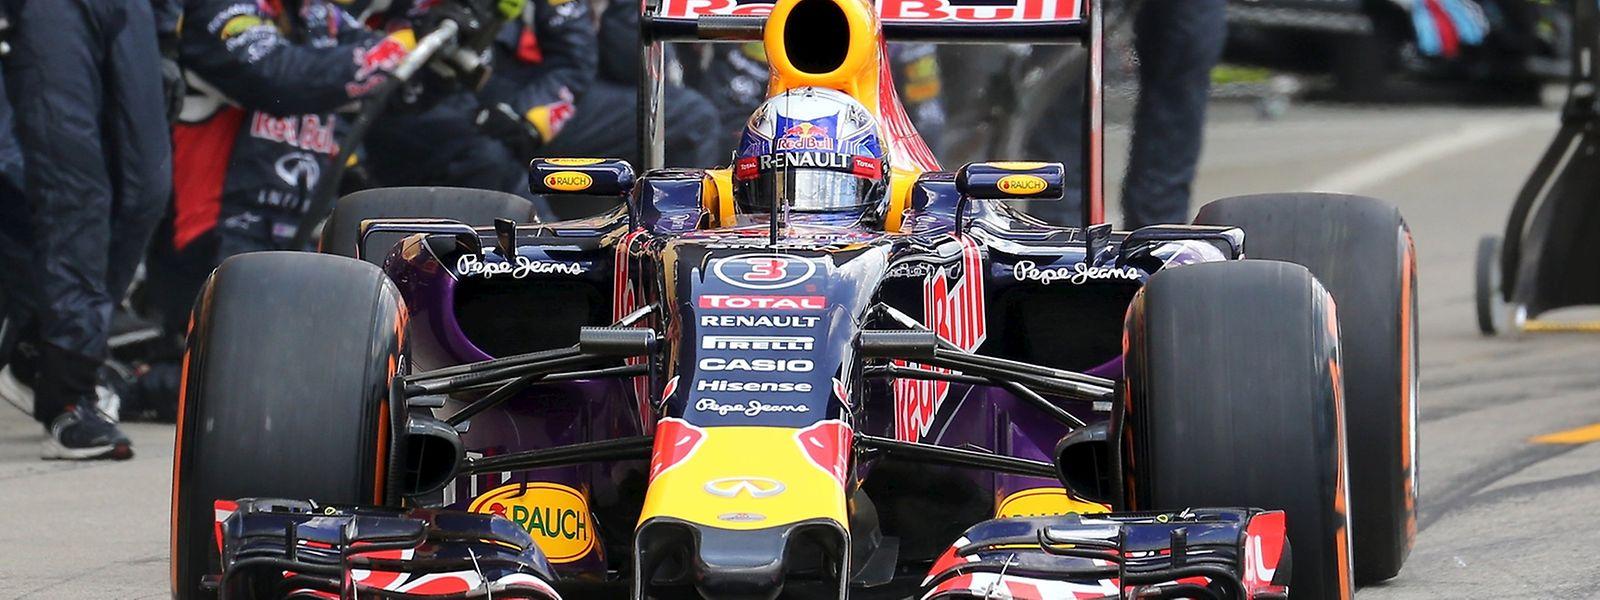 Daniel Ricciardo bei der Ausfahrt aus der Boxengasse in Suzuka.